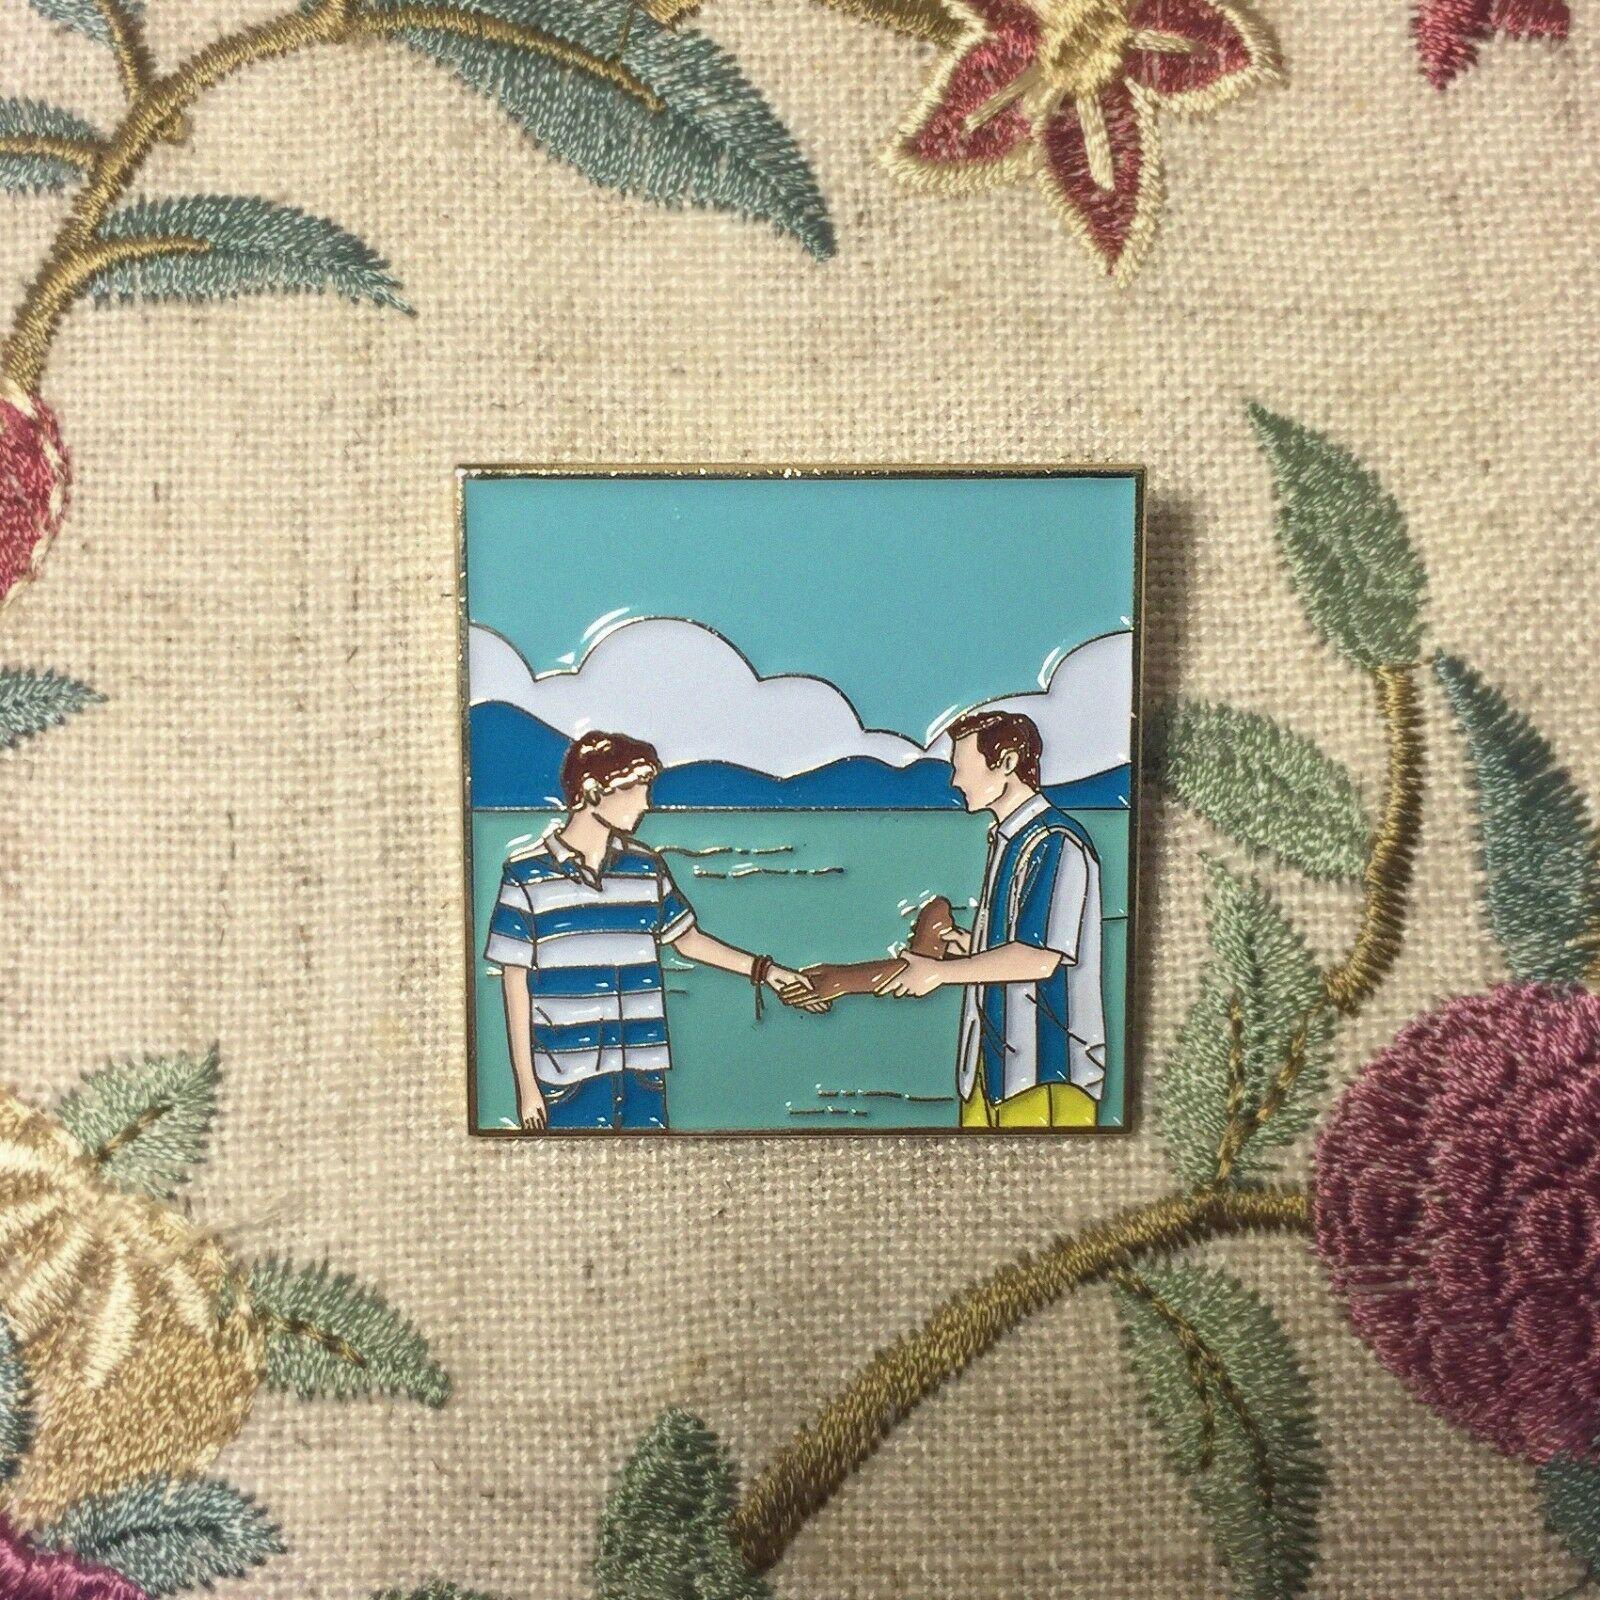 CMBYN Julie Andem Movie SKAM EVAK Coming out Metal Badge Pin Brooch Rare Gift N